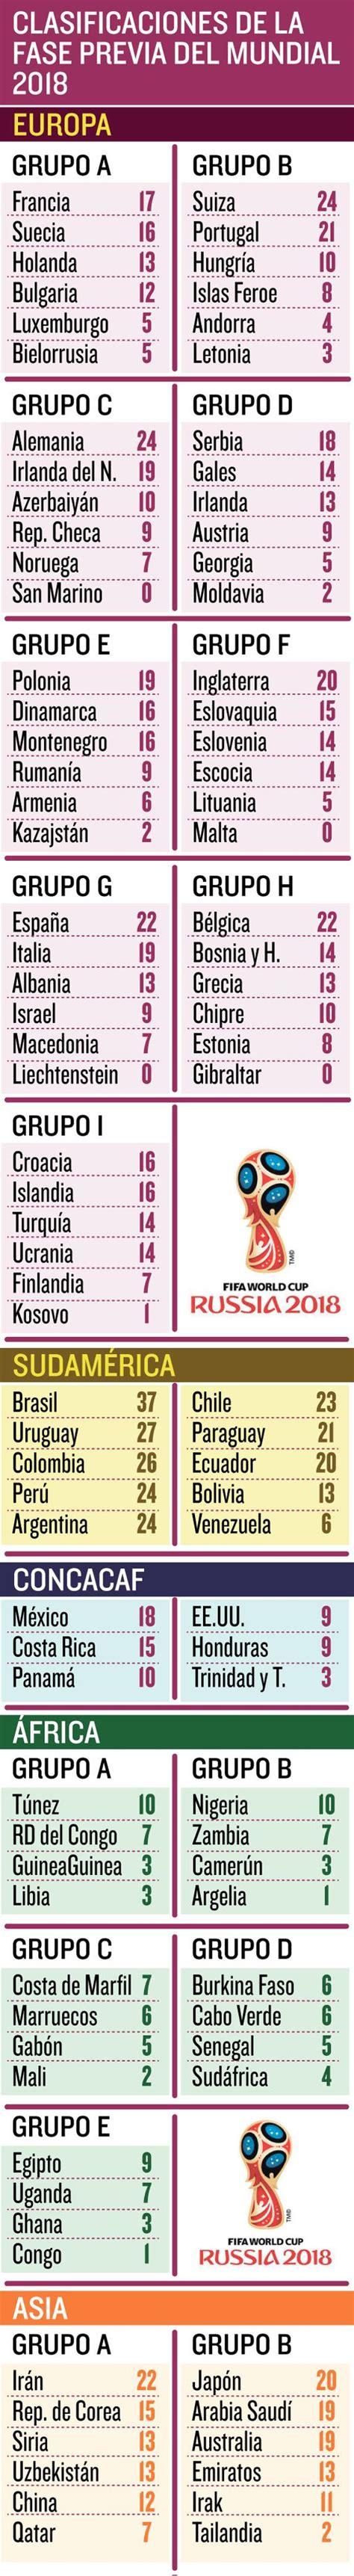 Todas las Clasificaciones para el Mundial de Rusia 2018 ...